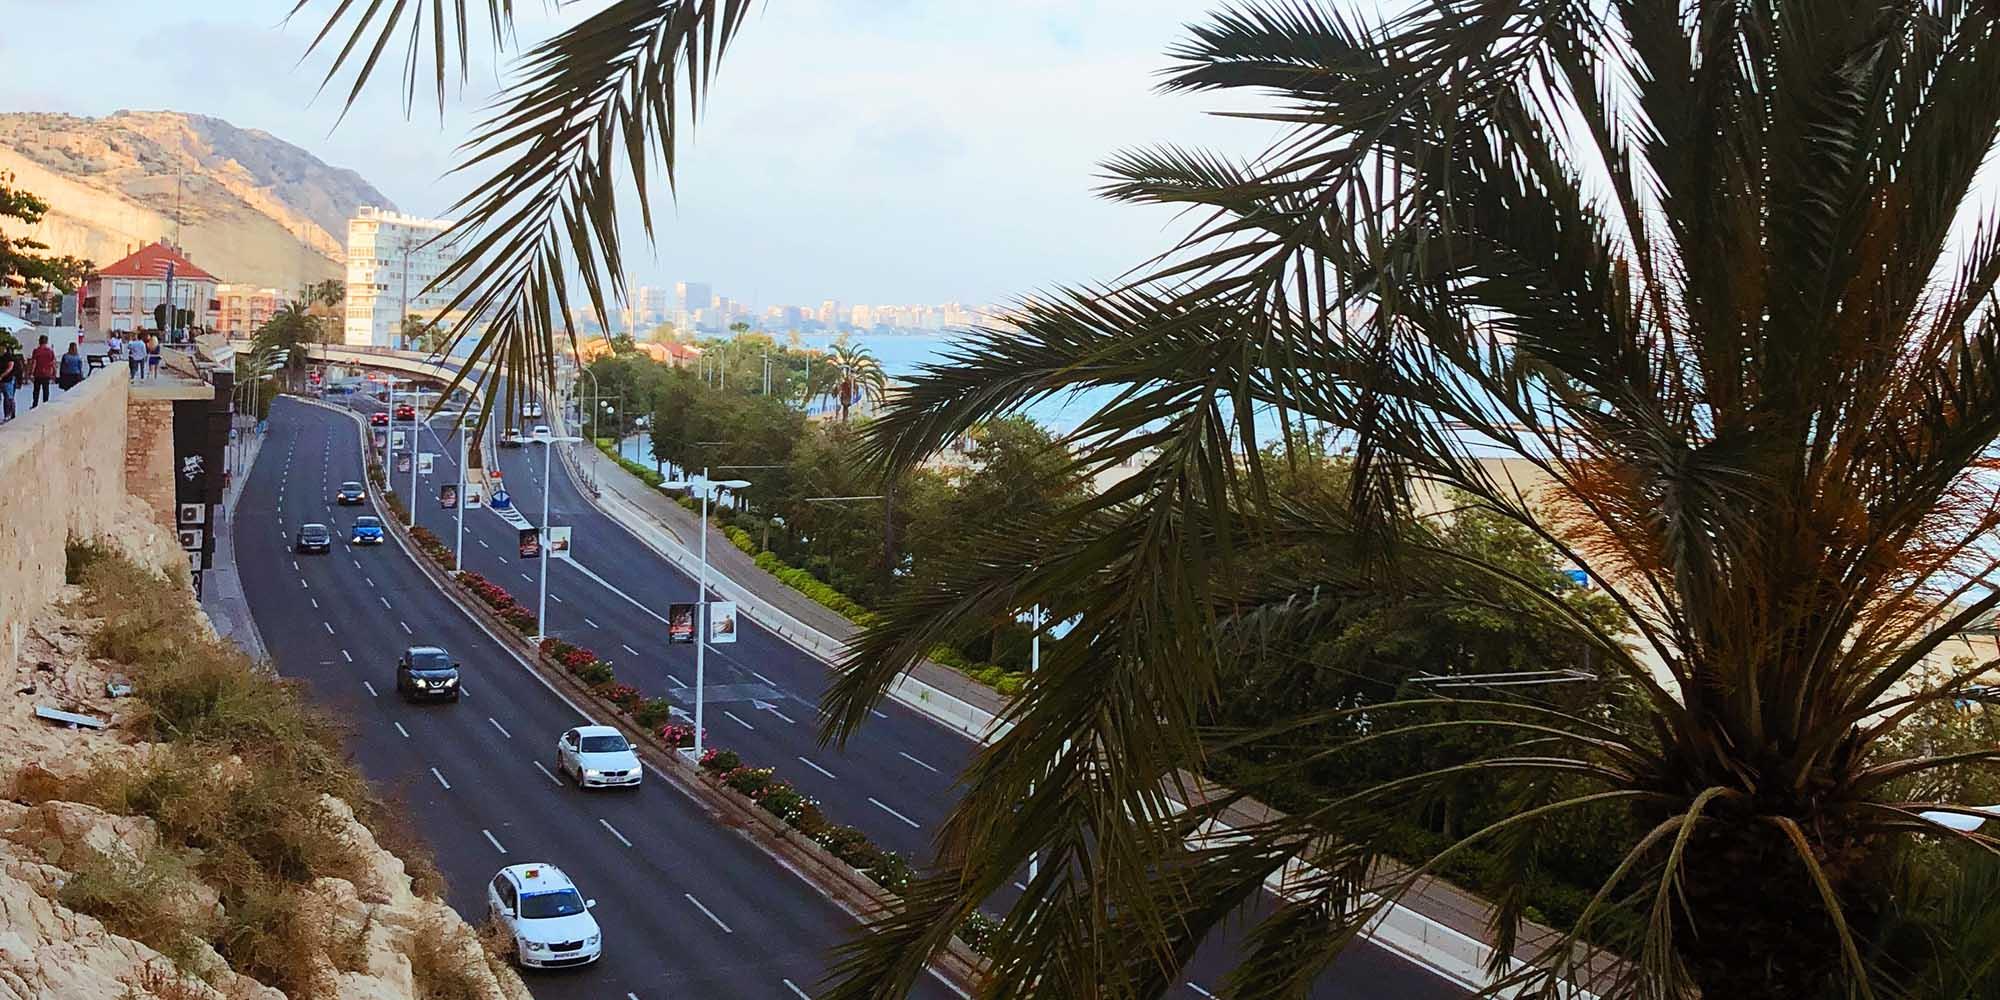 Vacanta Alicante Spania